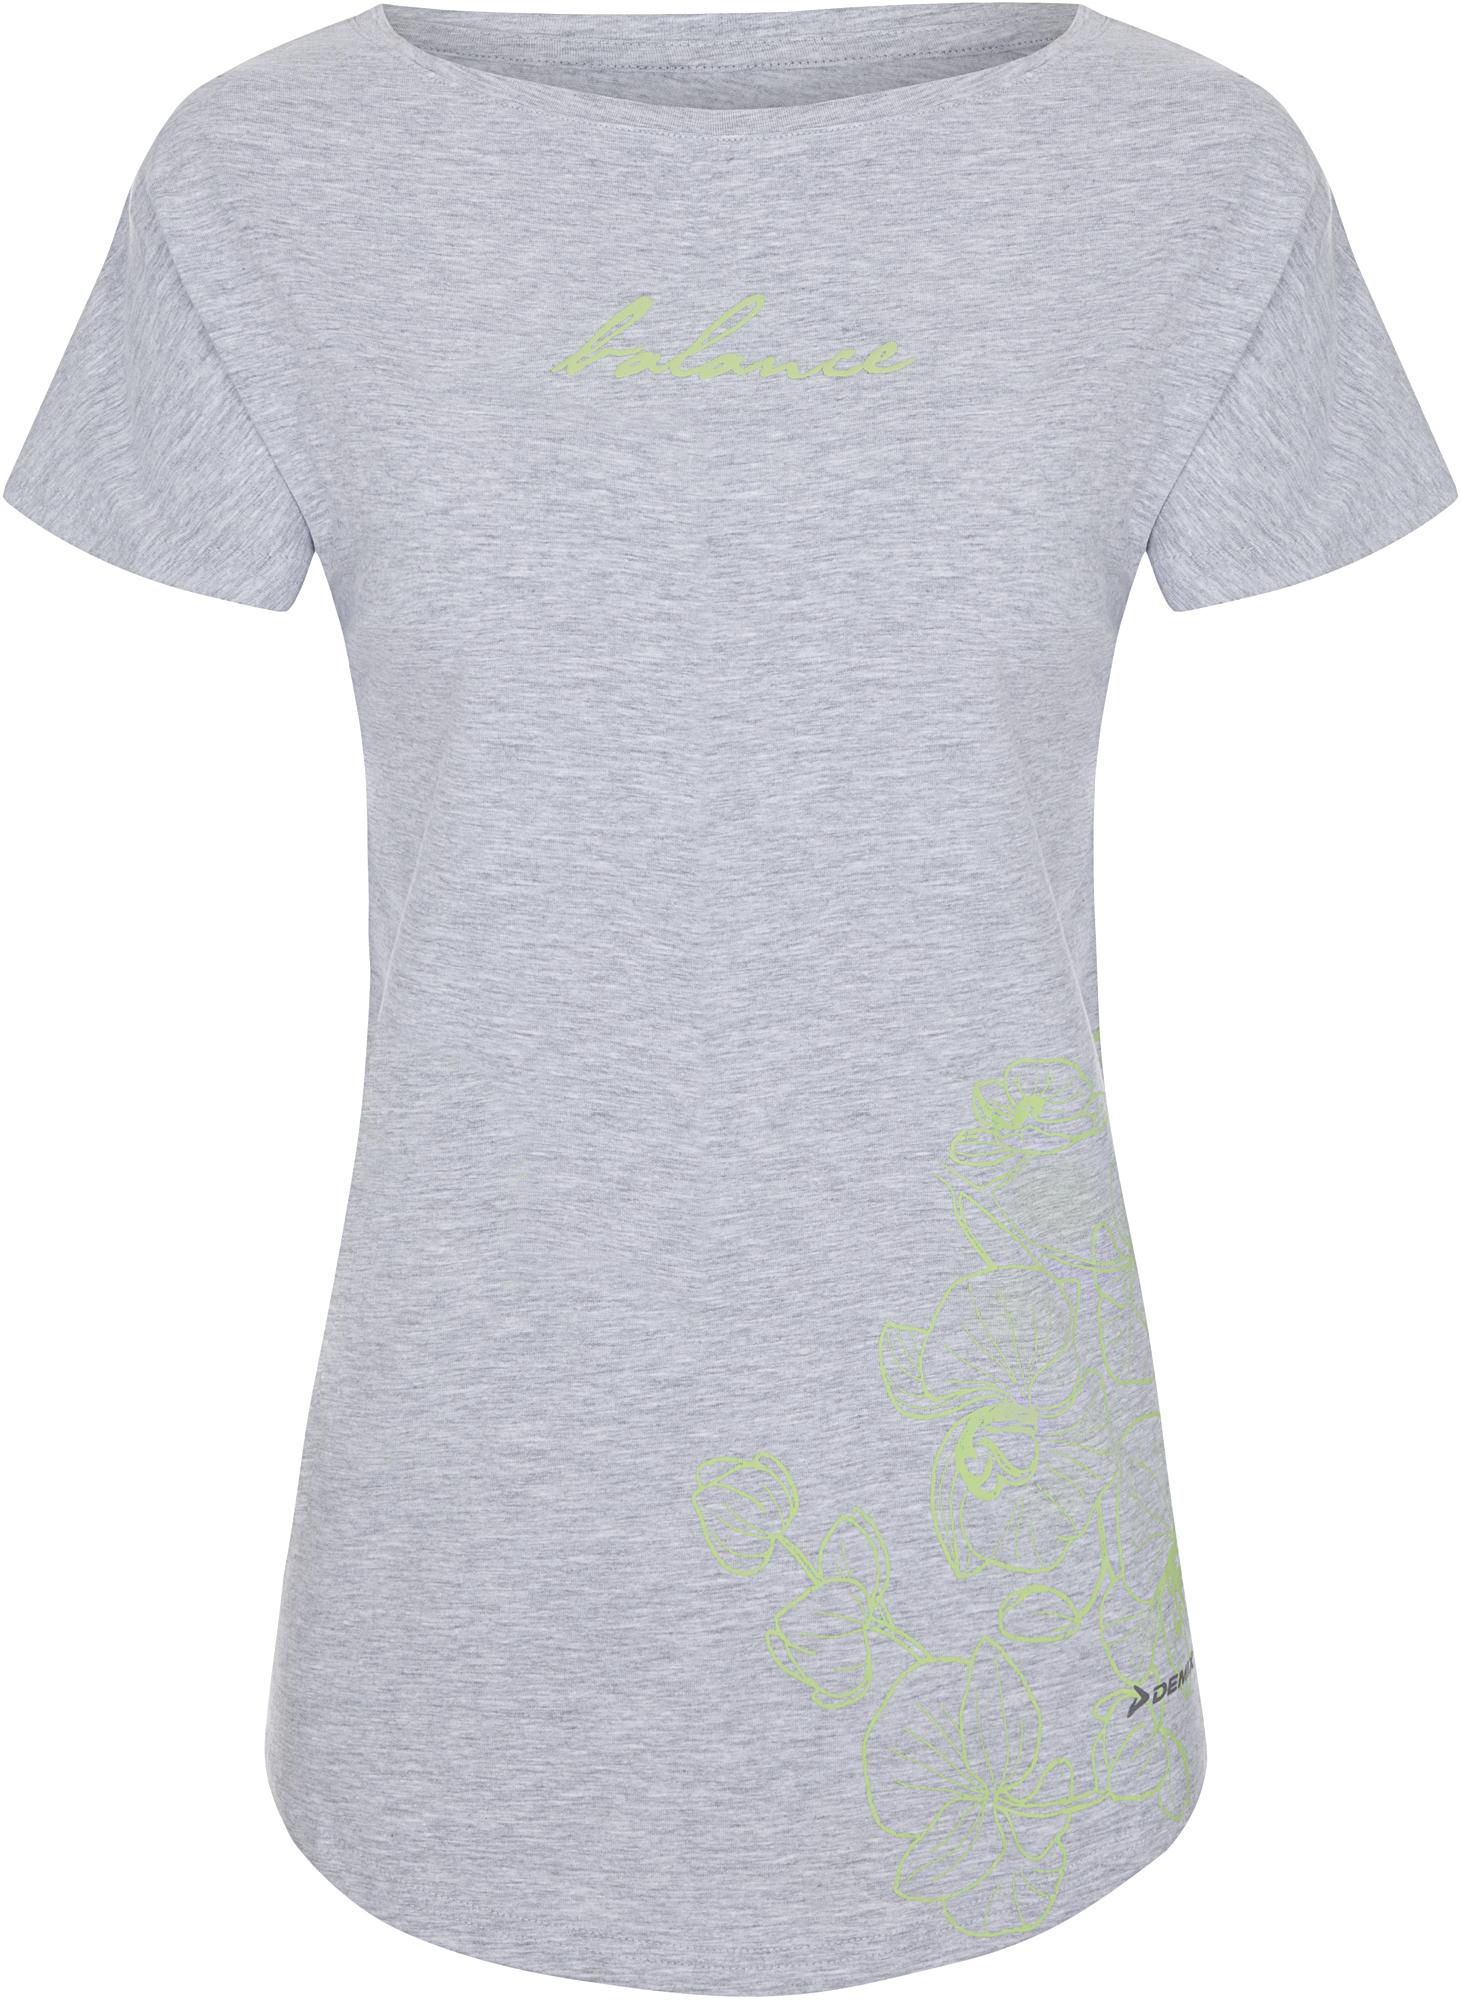 Demix Футболка женская Demix, размер 50 футболка женская oodji ultra цвет хаки 14707001 7 46154 6219p размер xl 50